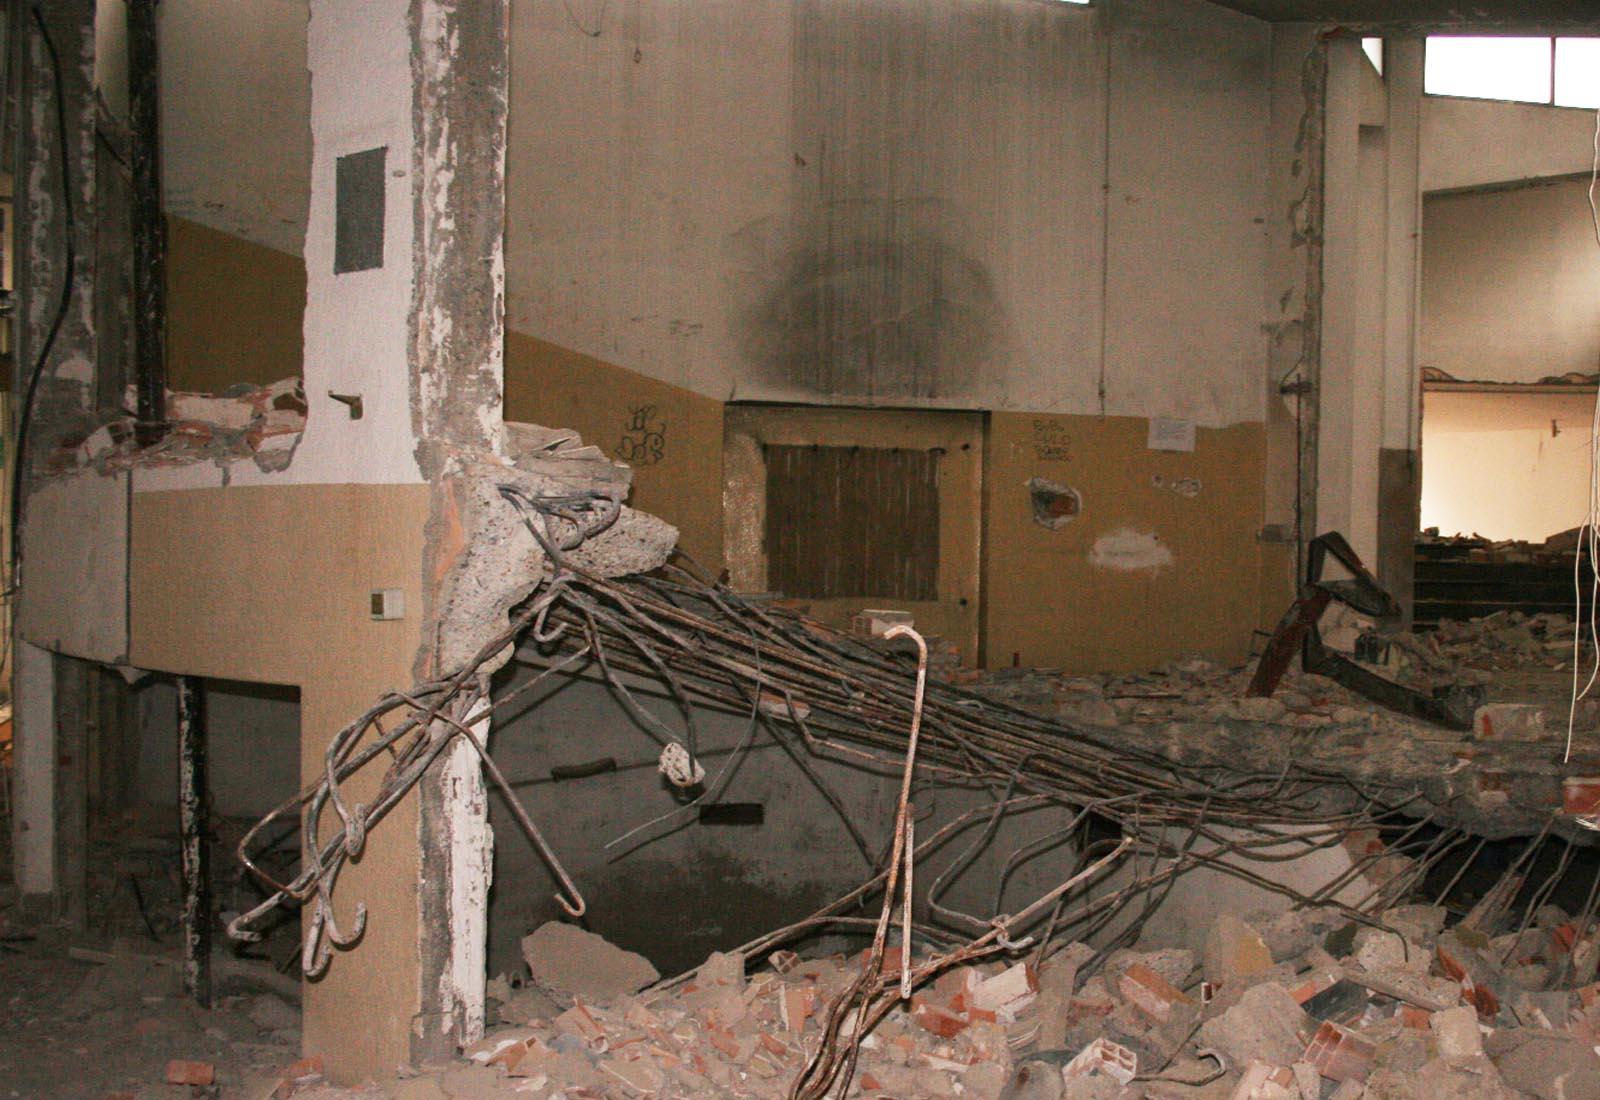 Polo scolastico Manzoni - Demolizione di strutture